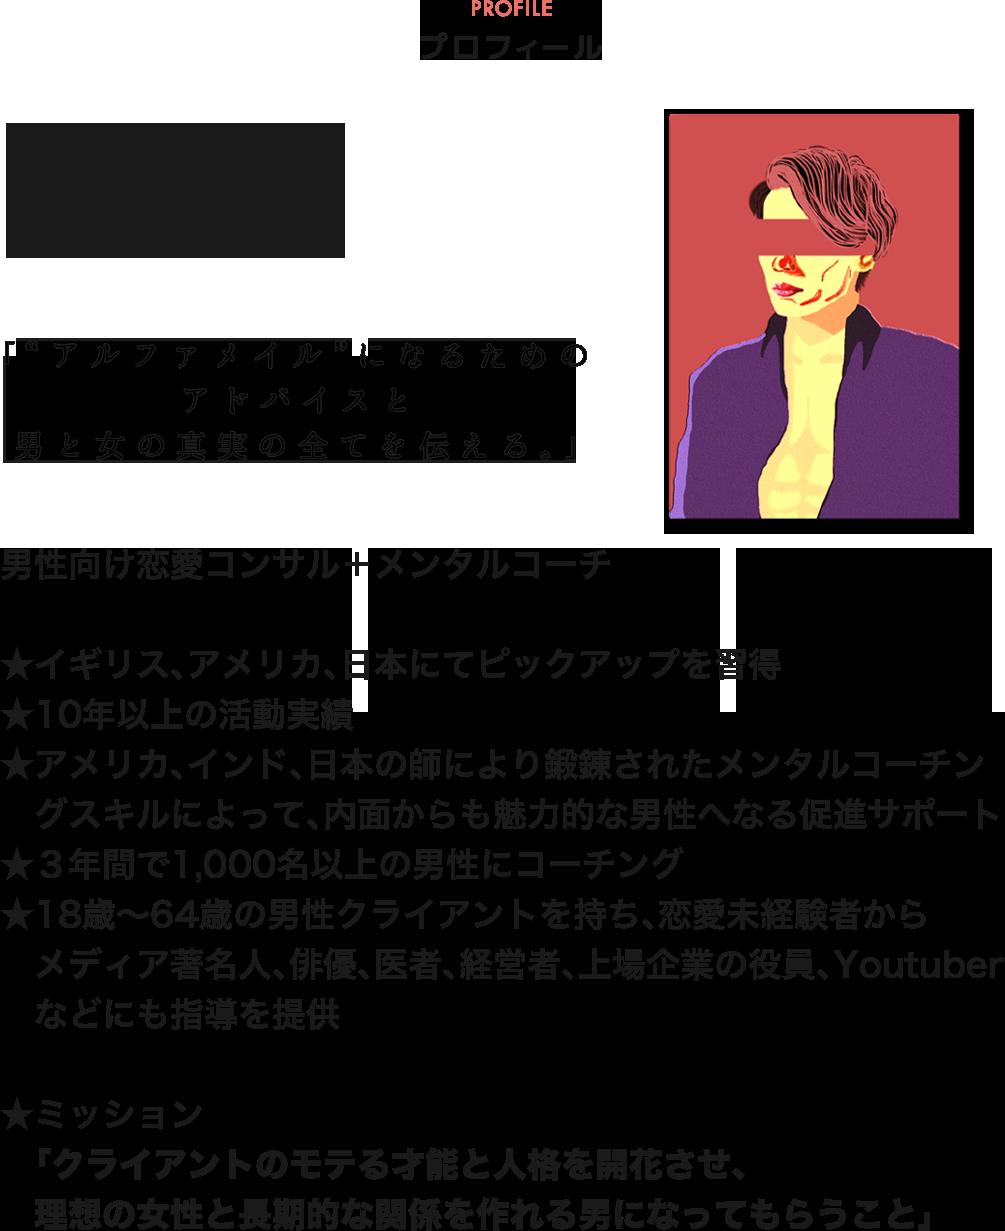 プロフィール 恋愛コーチング 宮澤ケイ